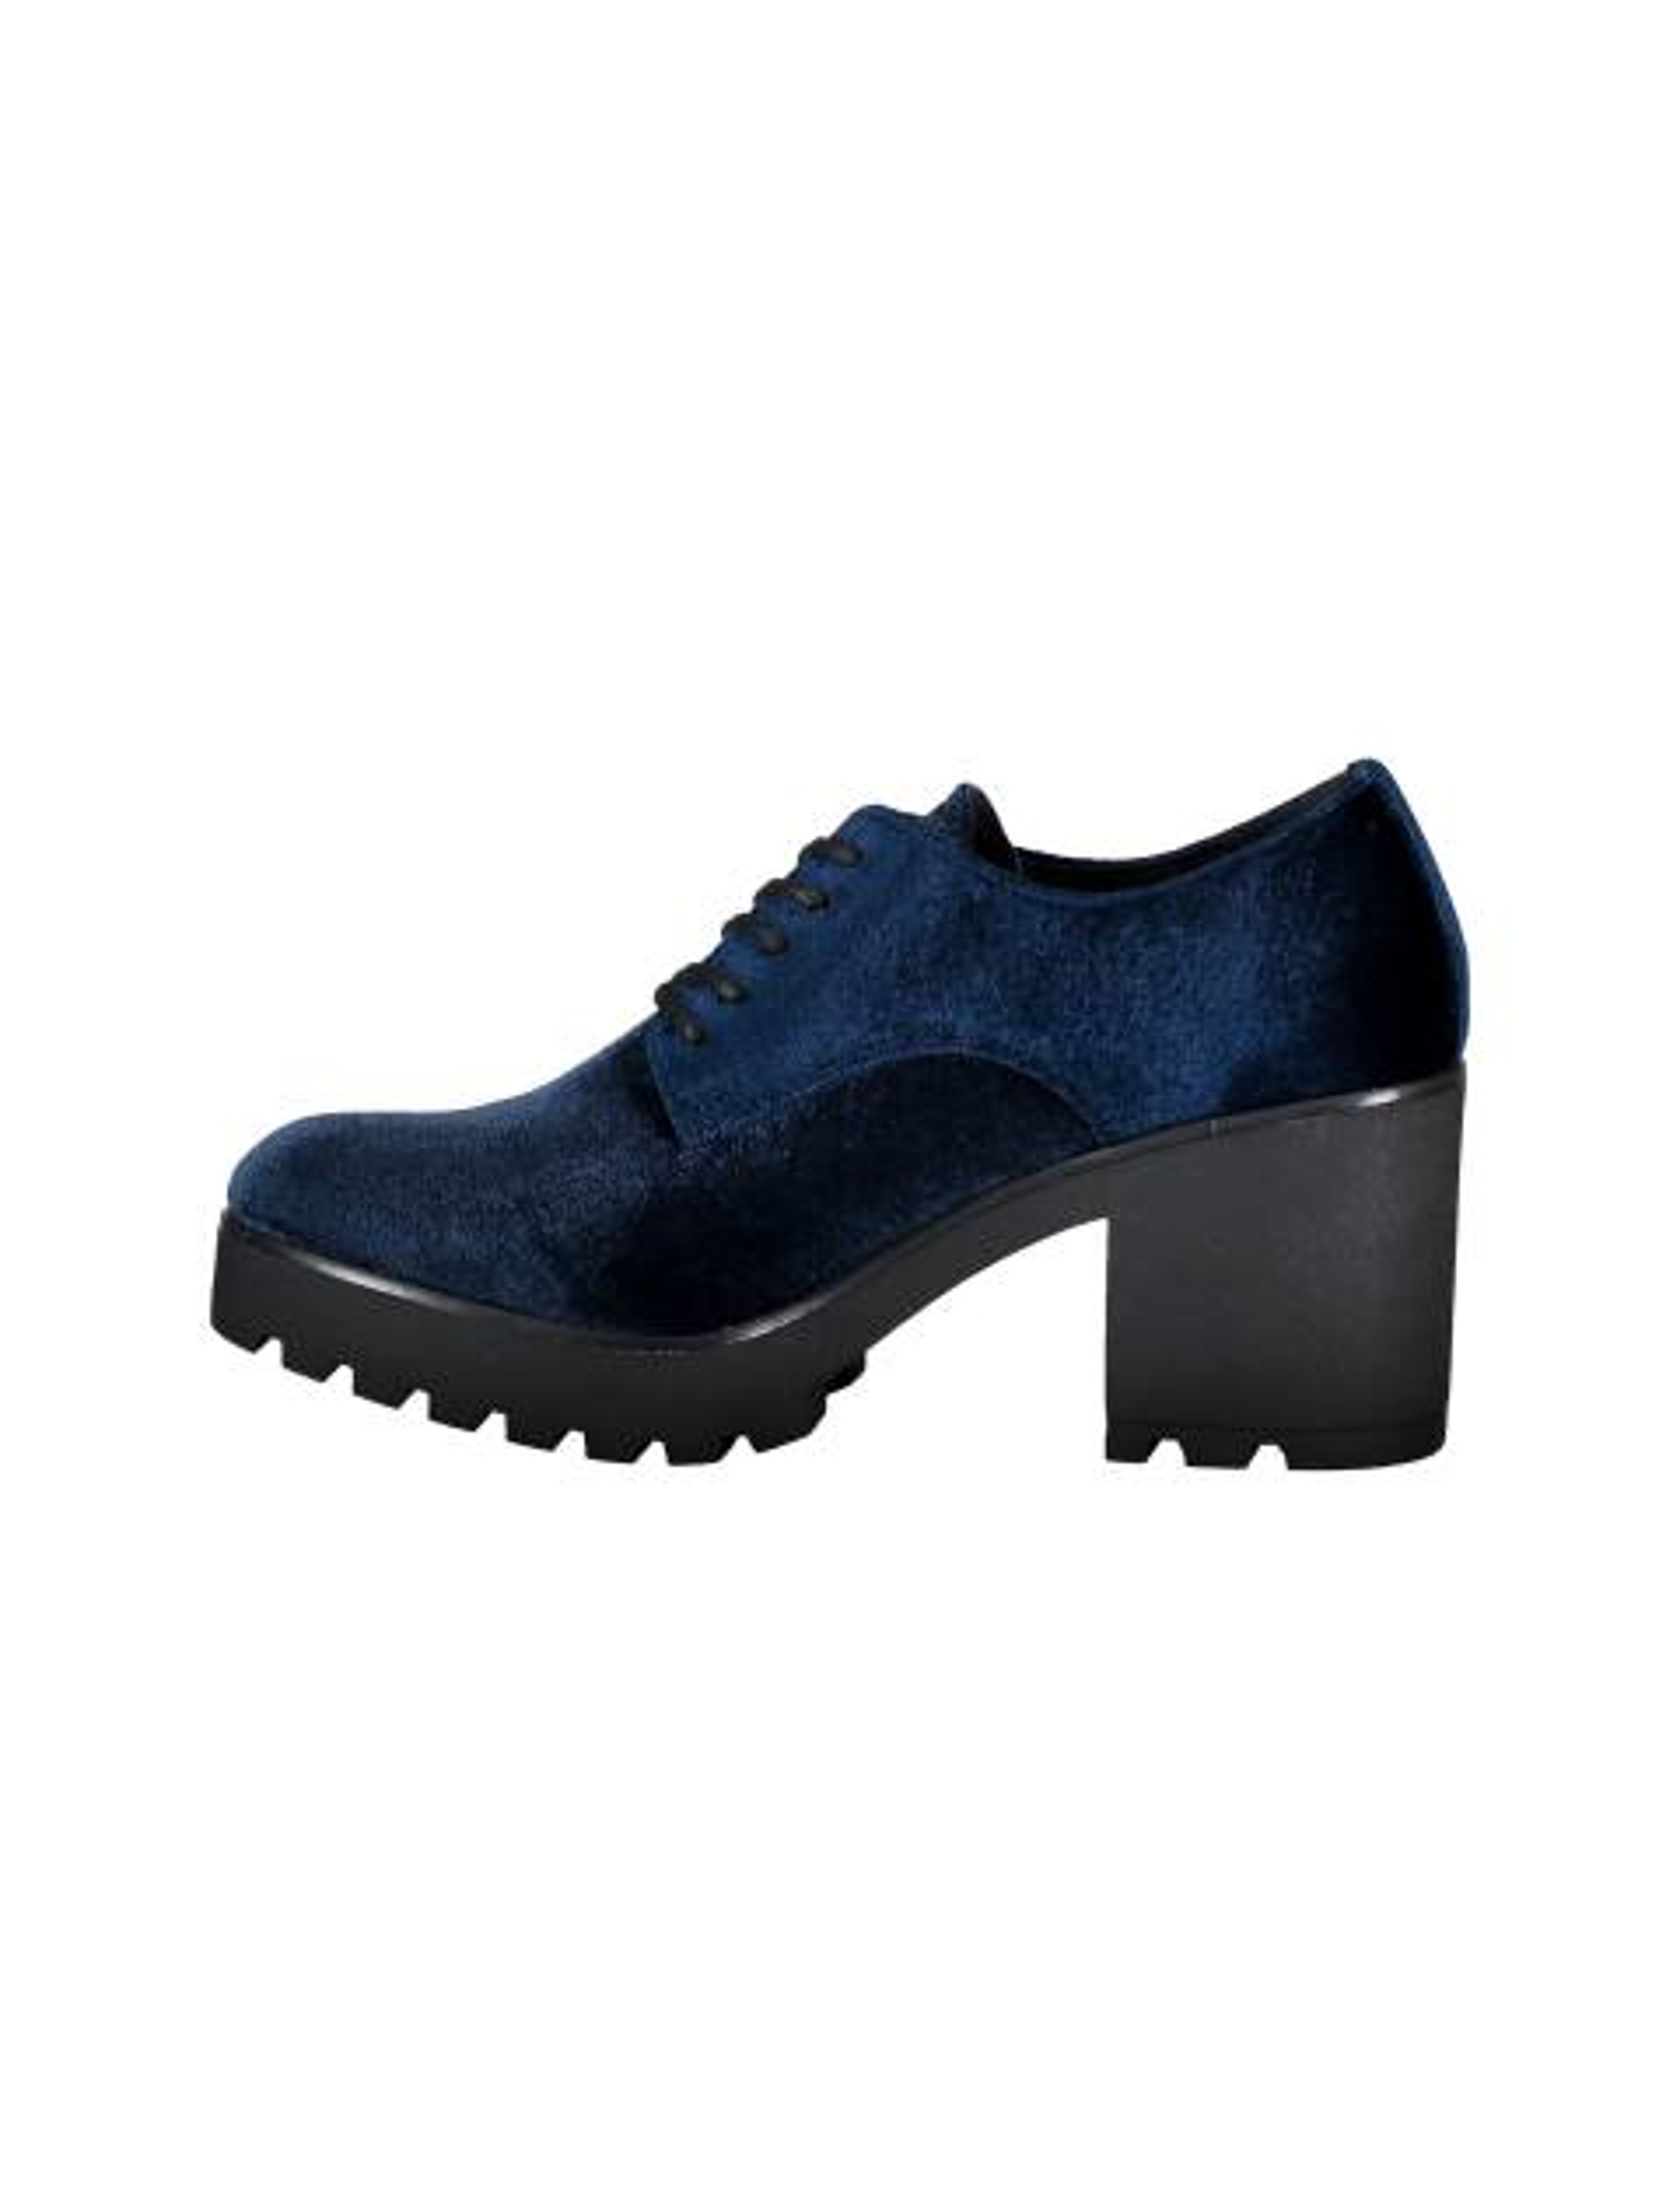 کفش پاشنه بلند زنانه - سرمه اي - 3